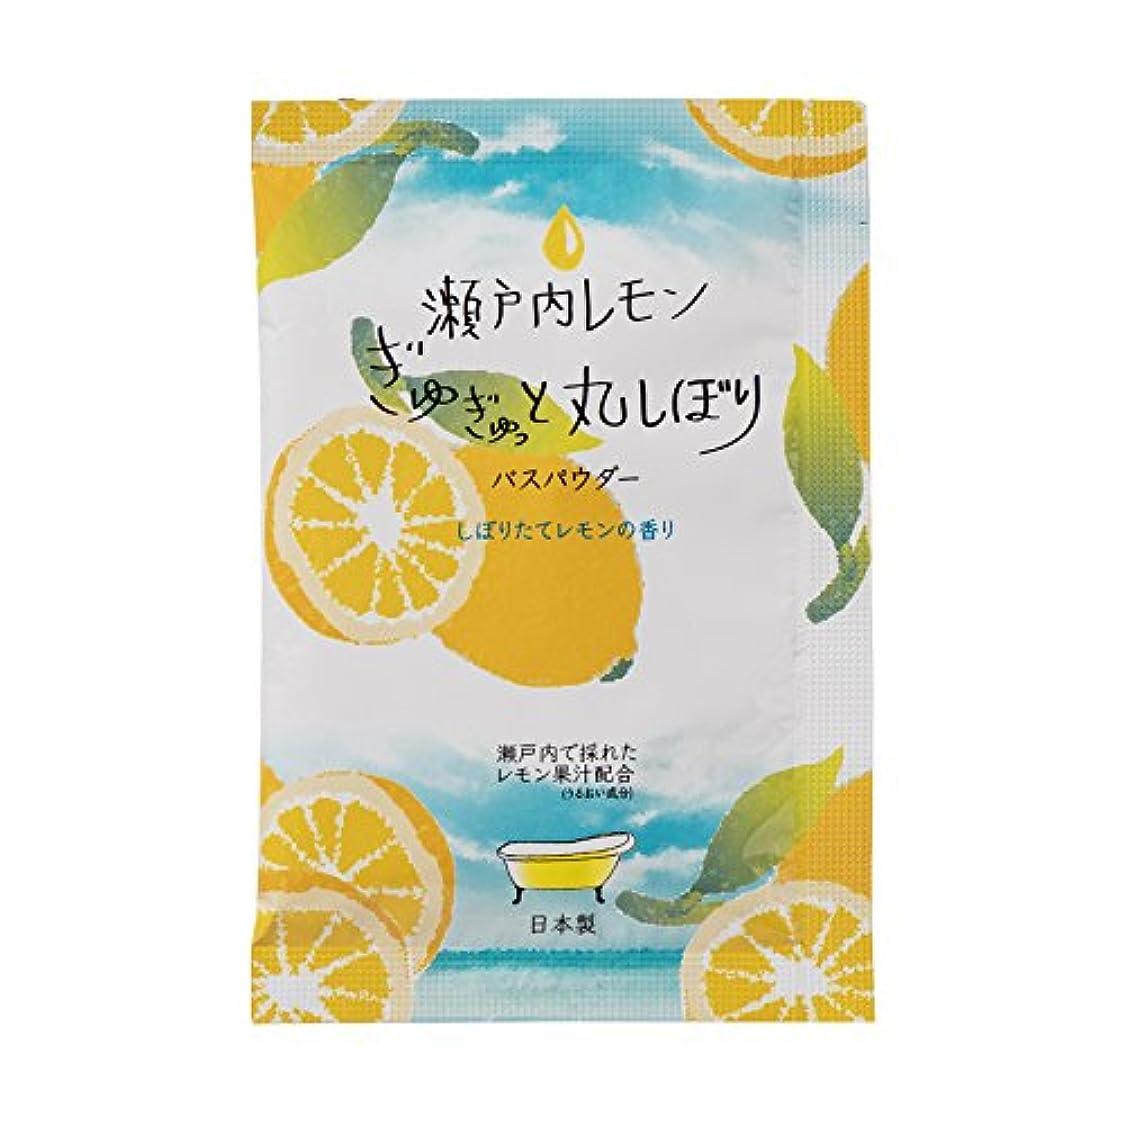 セラフ遠足緊急リッチバスパウダー(瀬戸内レモンの香り)× 40個